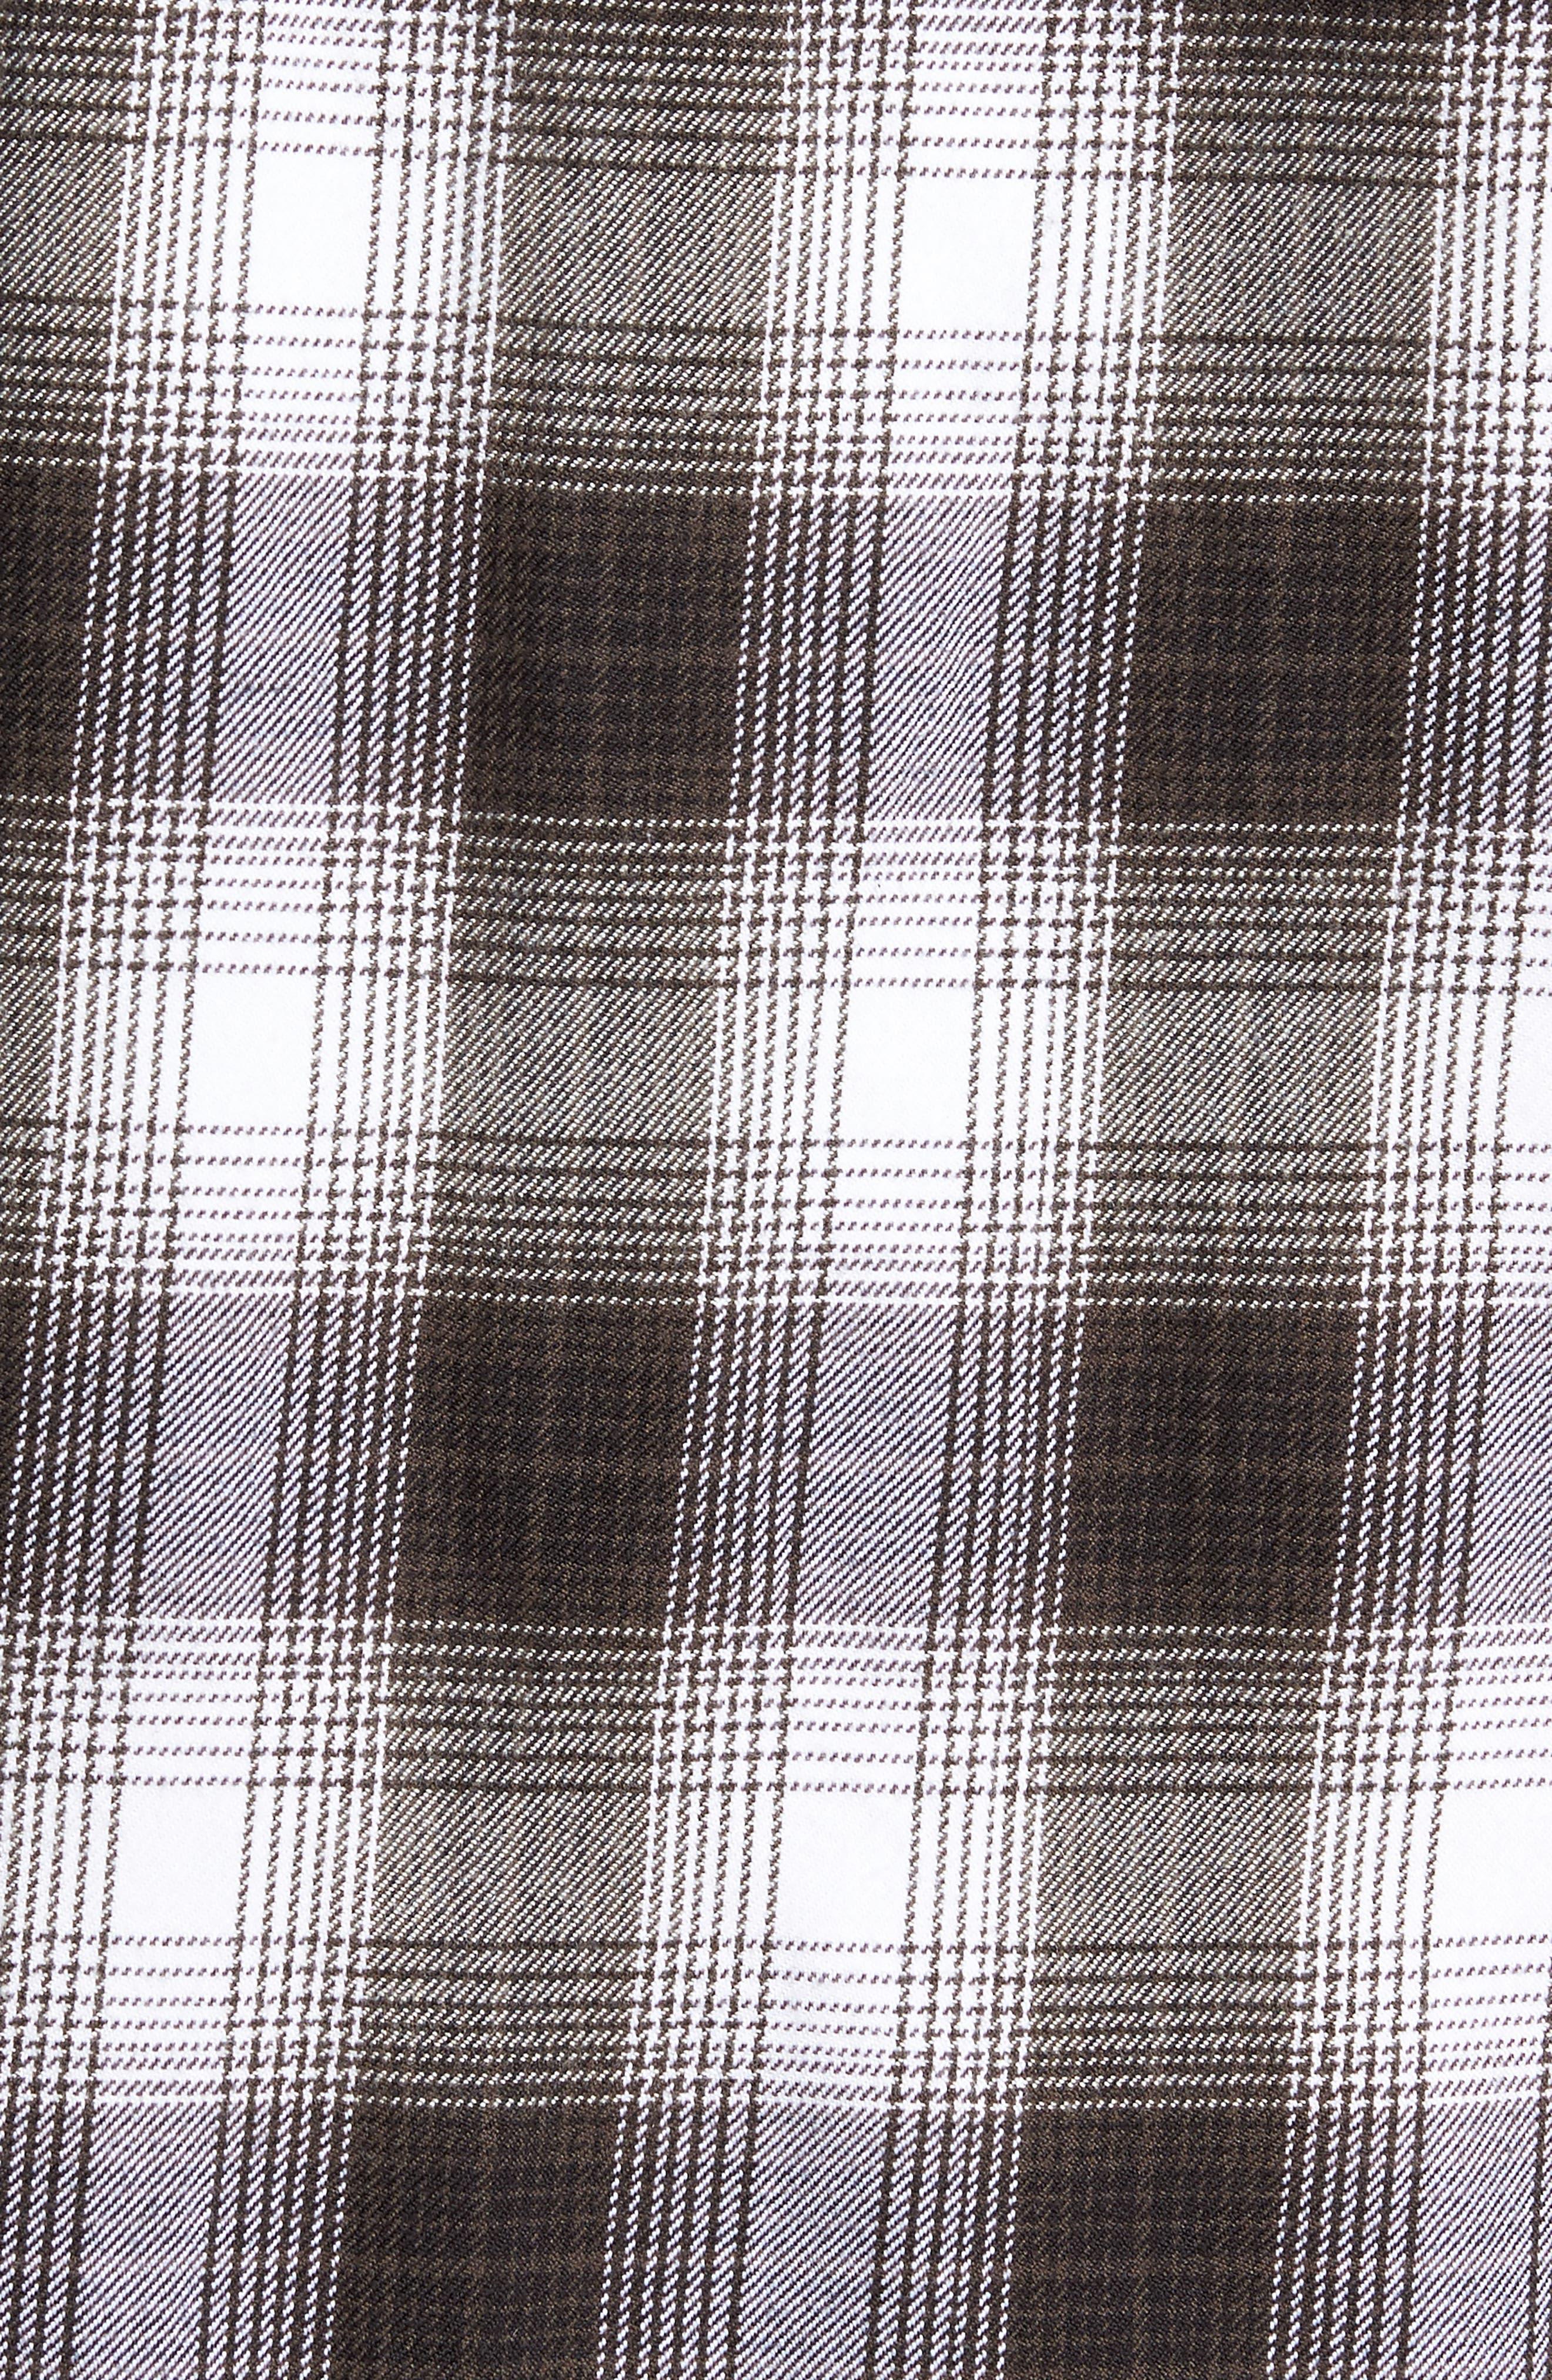 Kemper Plaid Woven Shirt,                             Alternate thumbnail 5, color,                             002